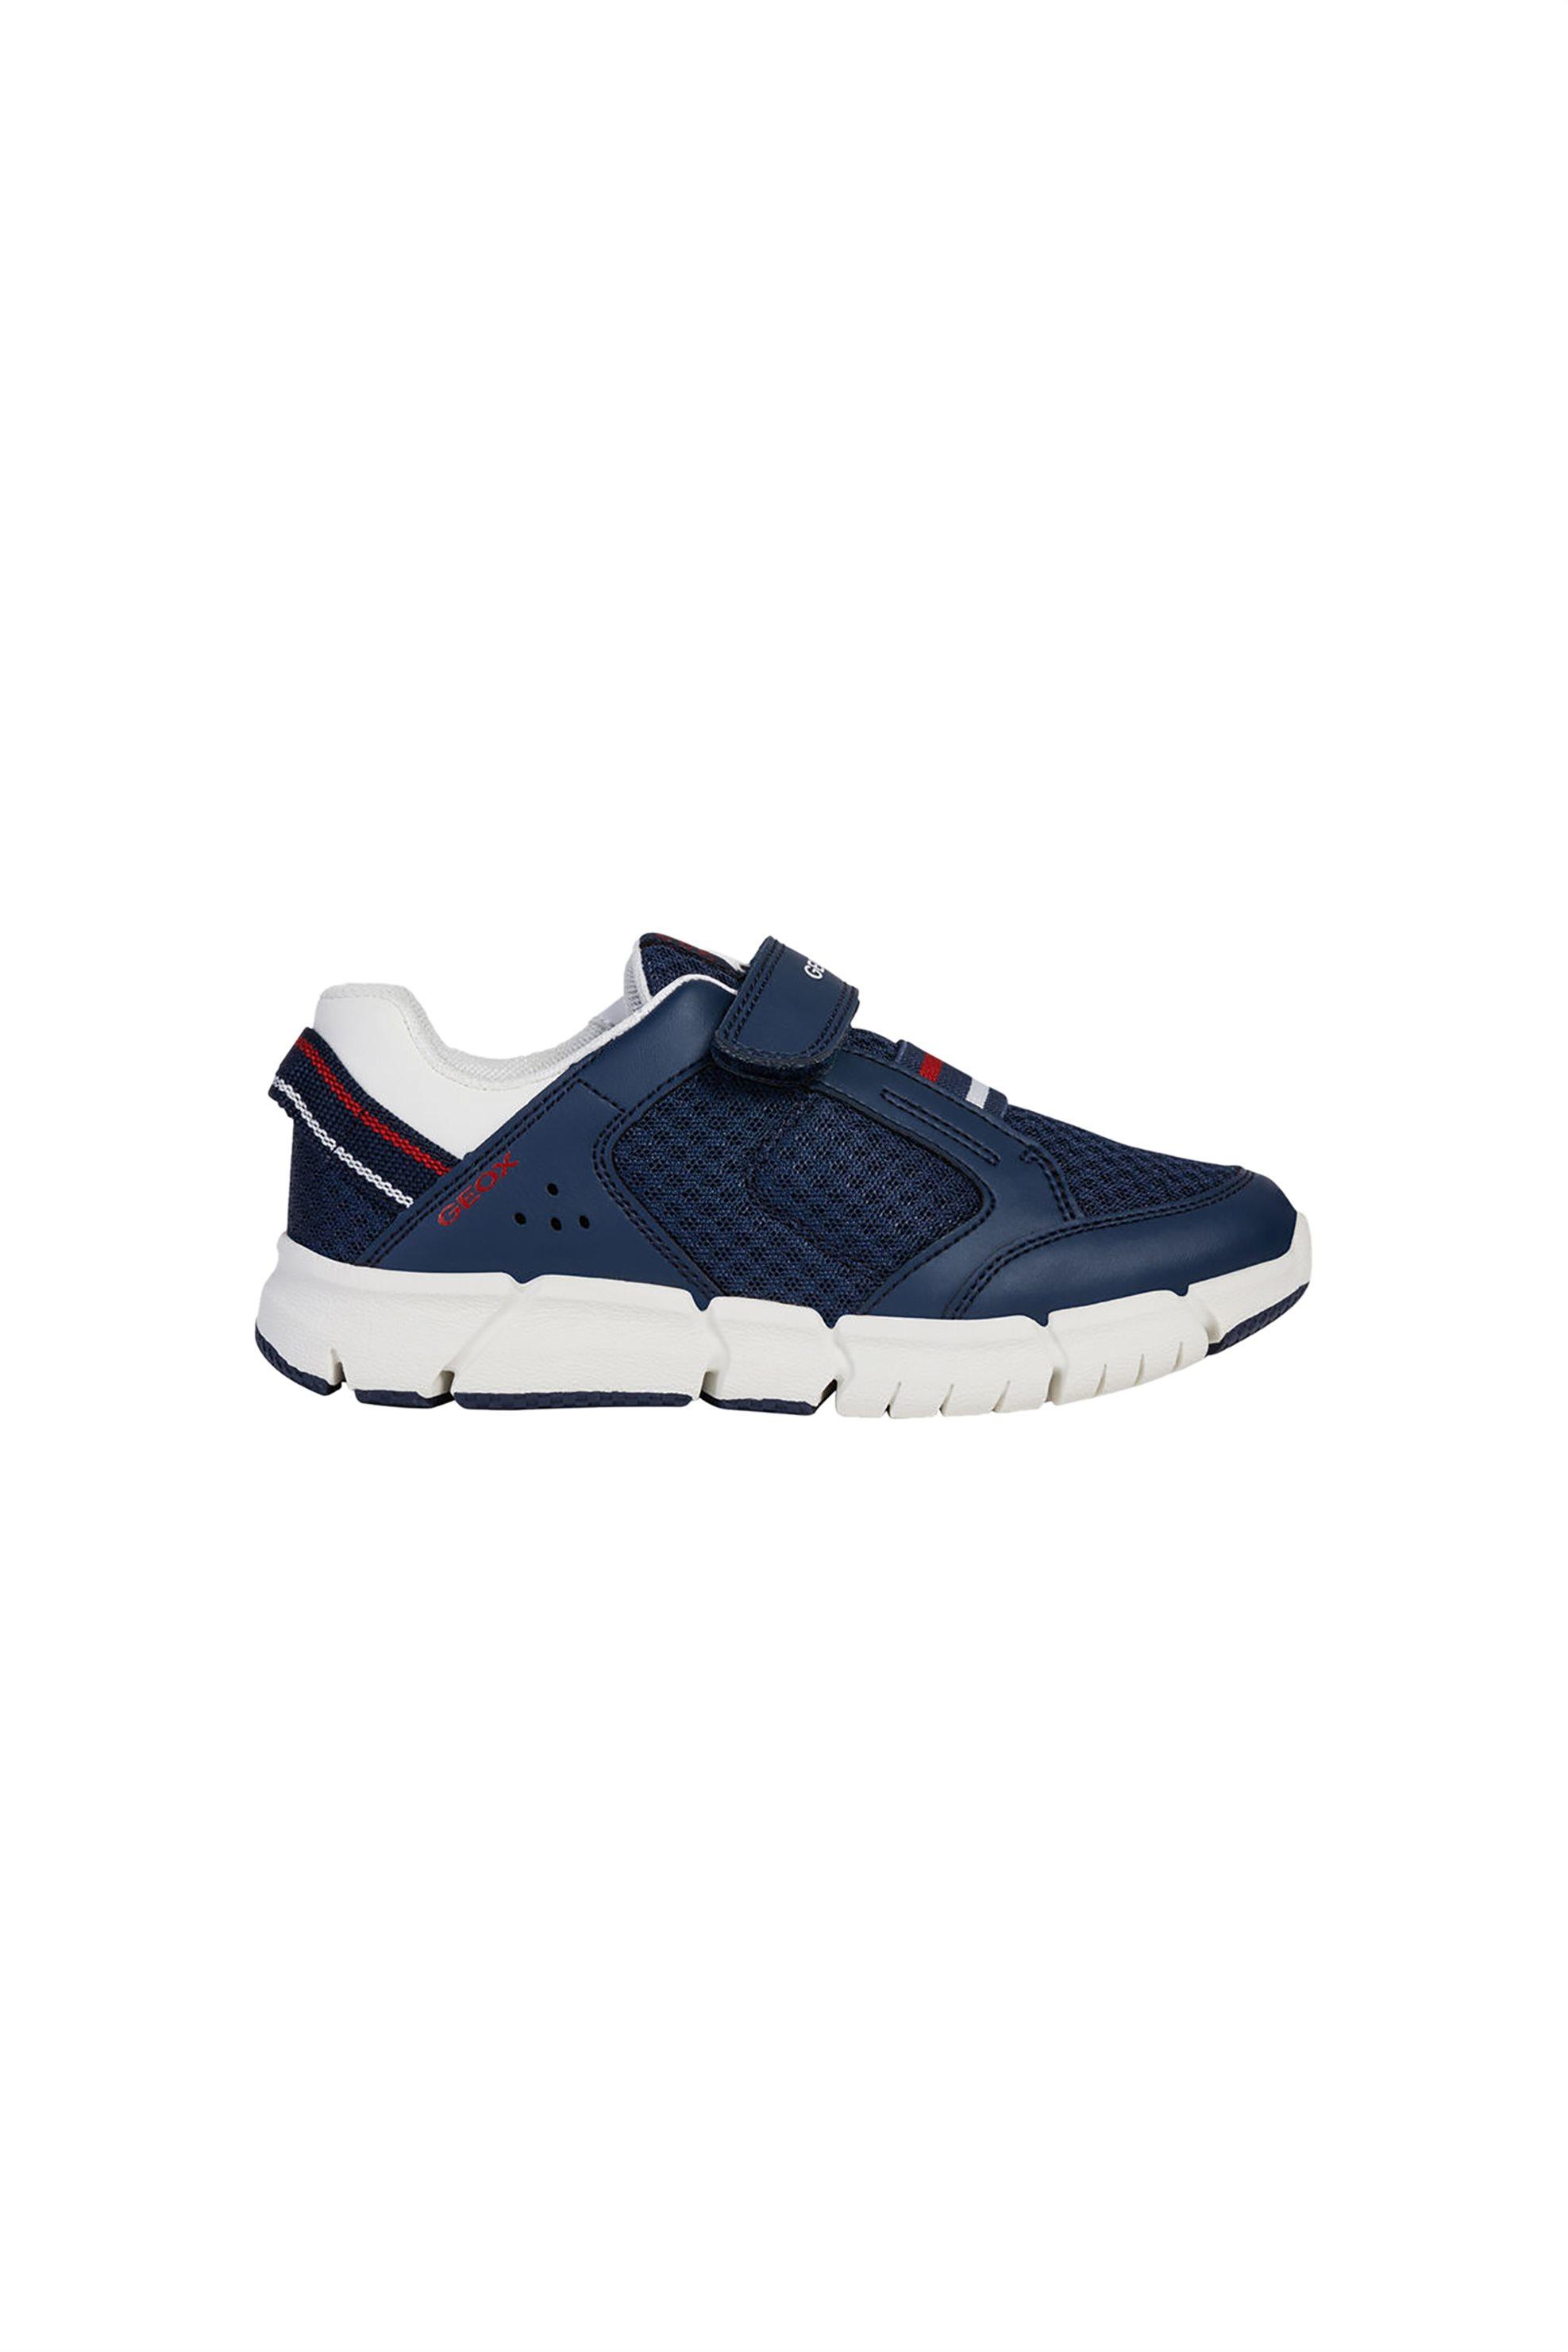 Παπούτσια New Balance YV574GV (Μεγέθη 28-36) 00025187 ΜΠΛΕ. 64.95  €Περισσότερα » · Notos Geox παιδικά sneakers Jr Flexyper – J929BB – Μπλε  Σκούρο 8b2dd1b0237